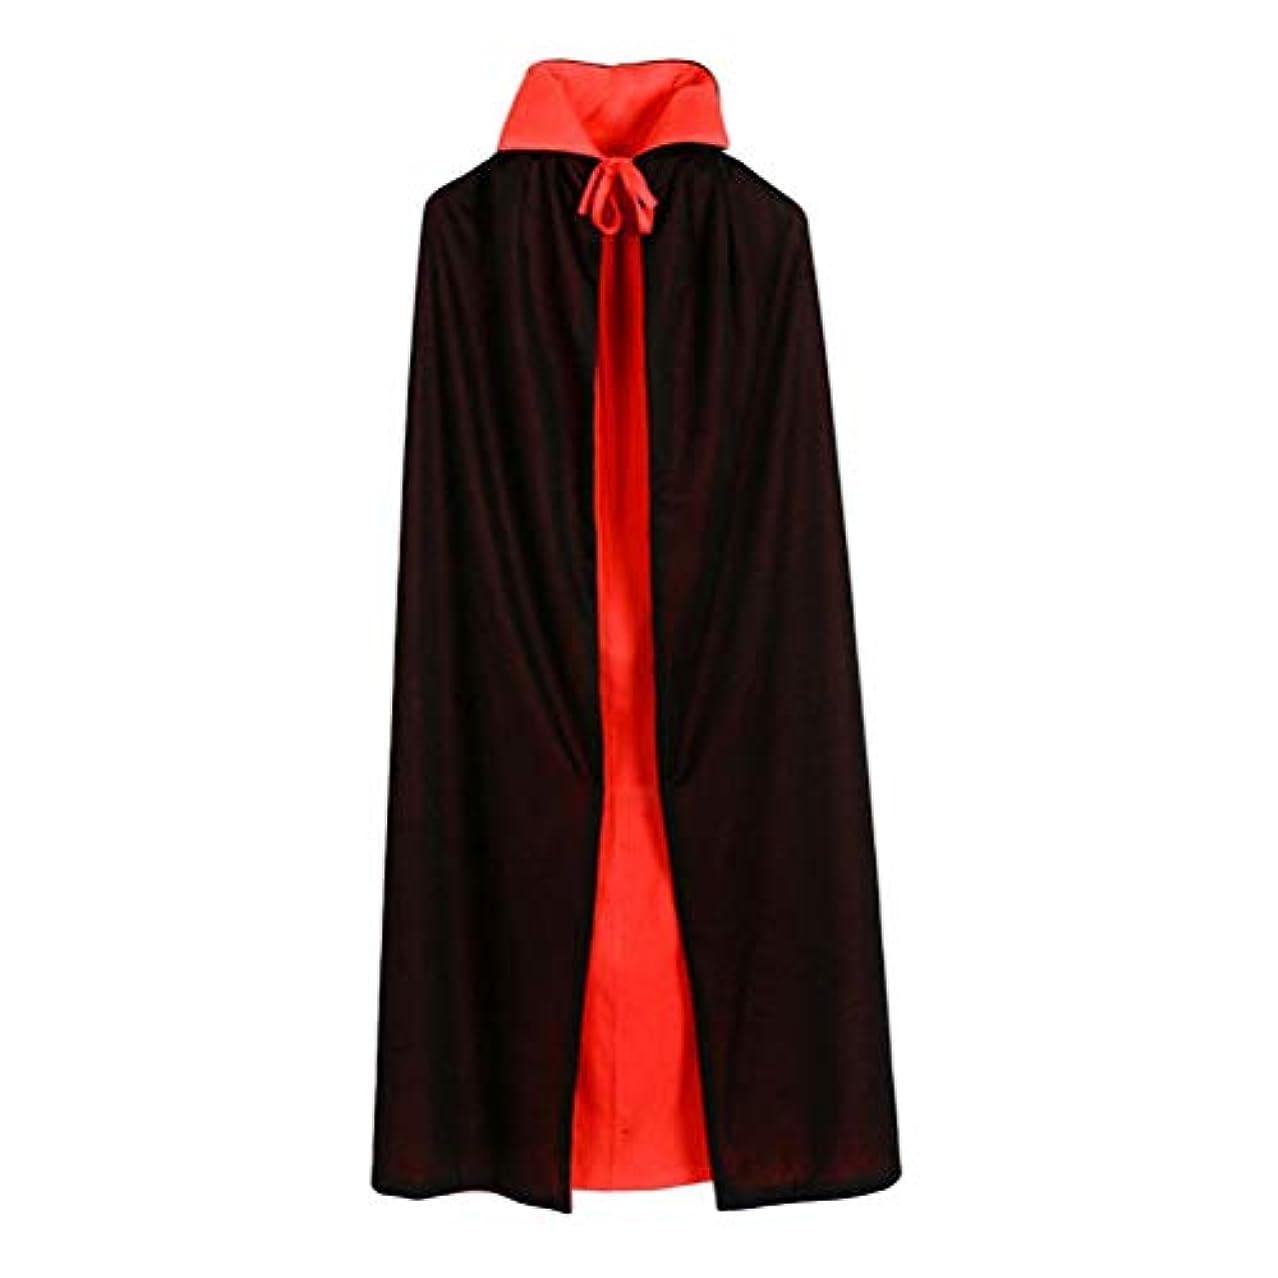 十二ライン可聴Toyvian ヴァンパイアマント二重層黒と赤のフード付きマントヴァンパイアコスチュームコスプレケープは男の子と女の子のためにドレスアップ(90cmストレートカラーダブルマント)